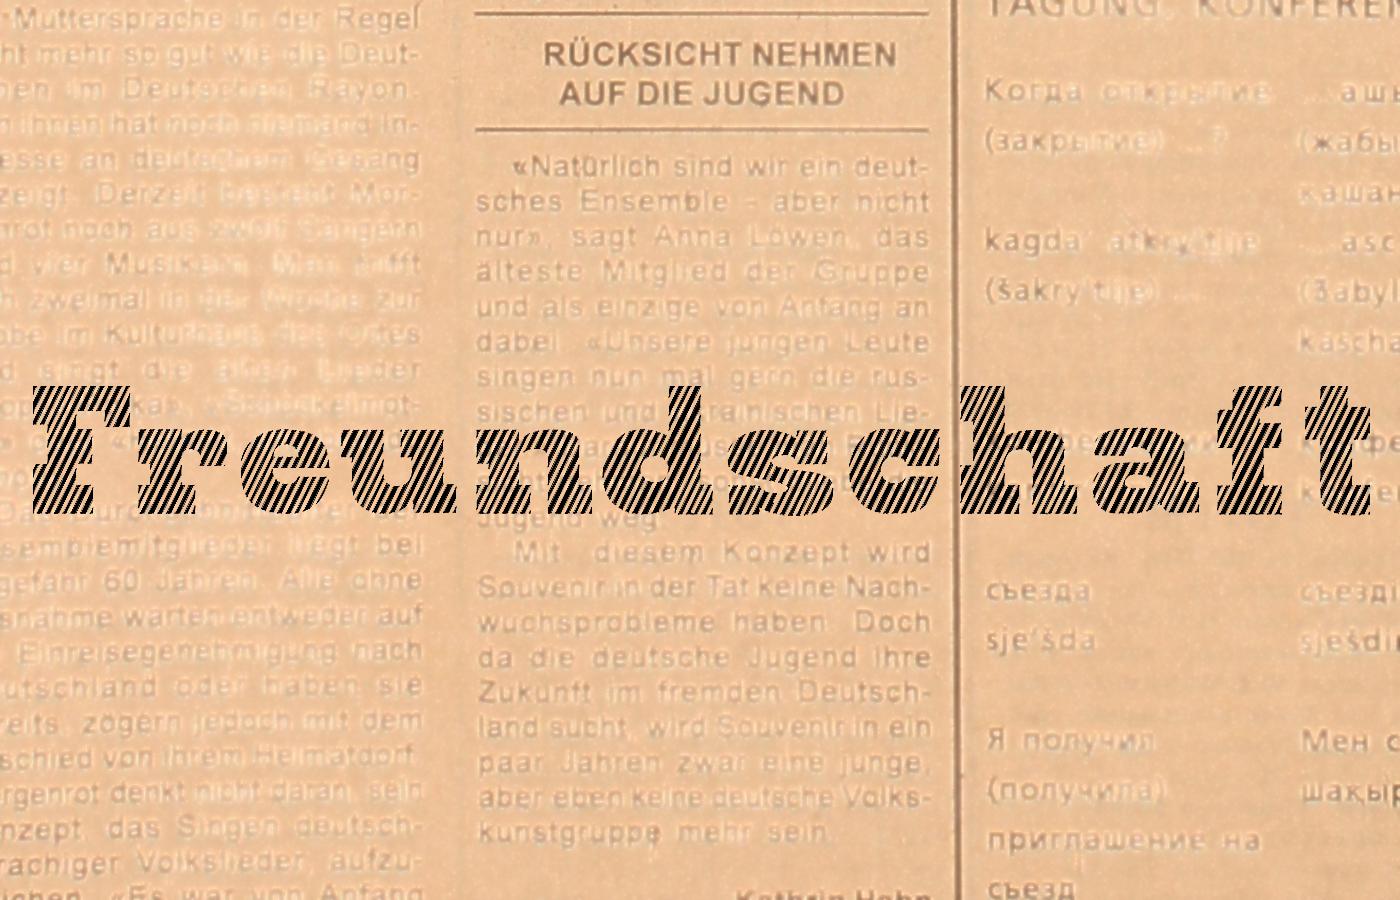 По страницам «Freundschaft». № 2 от 13 января 1996 г.